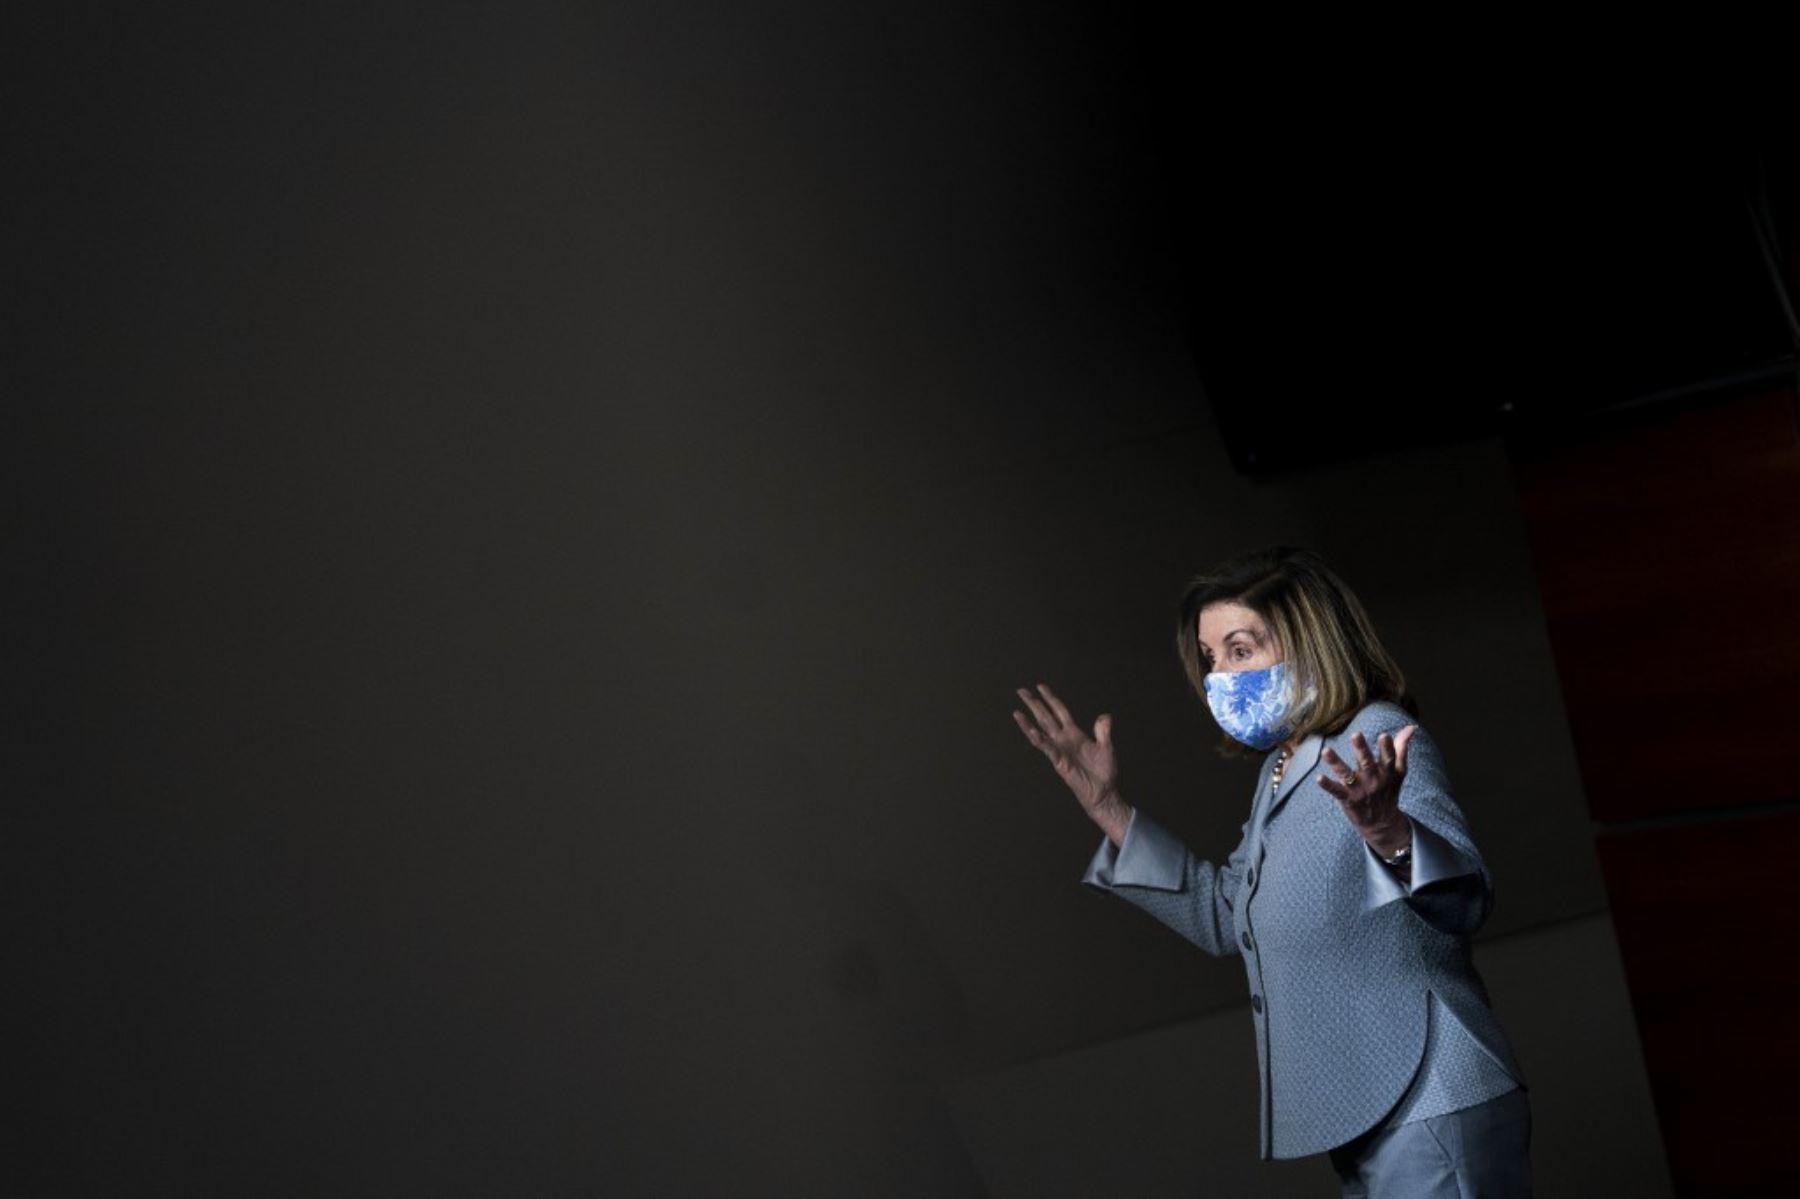 La presidenta de la Cámara de Representantes, Nancy Pelosi (D-CA), habla durante una conferencia de prensa en el Capitolio de los Estados Unidos. Foto: AFP